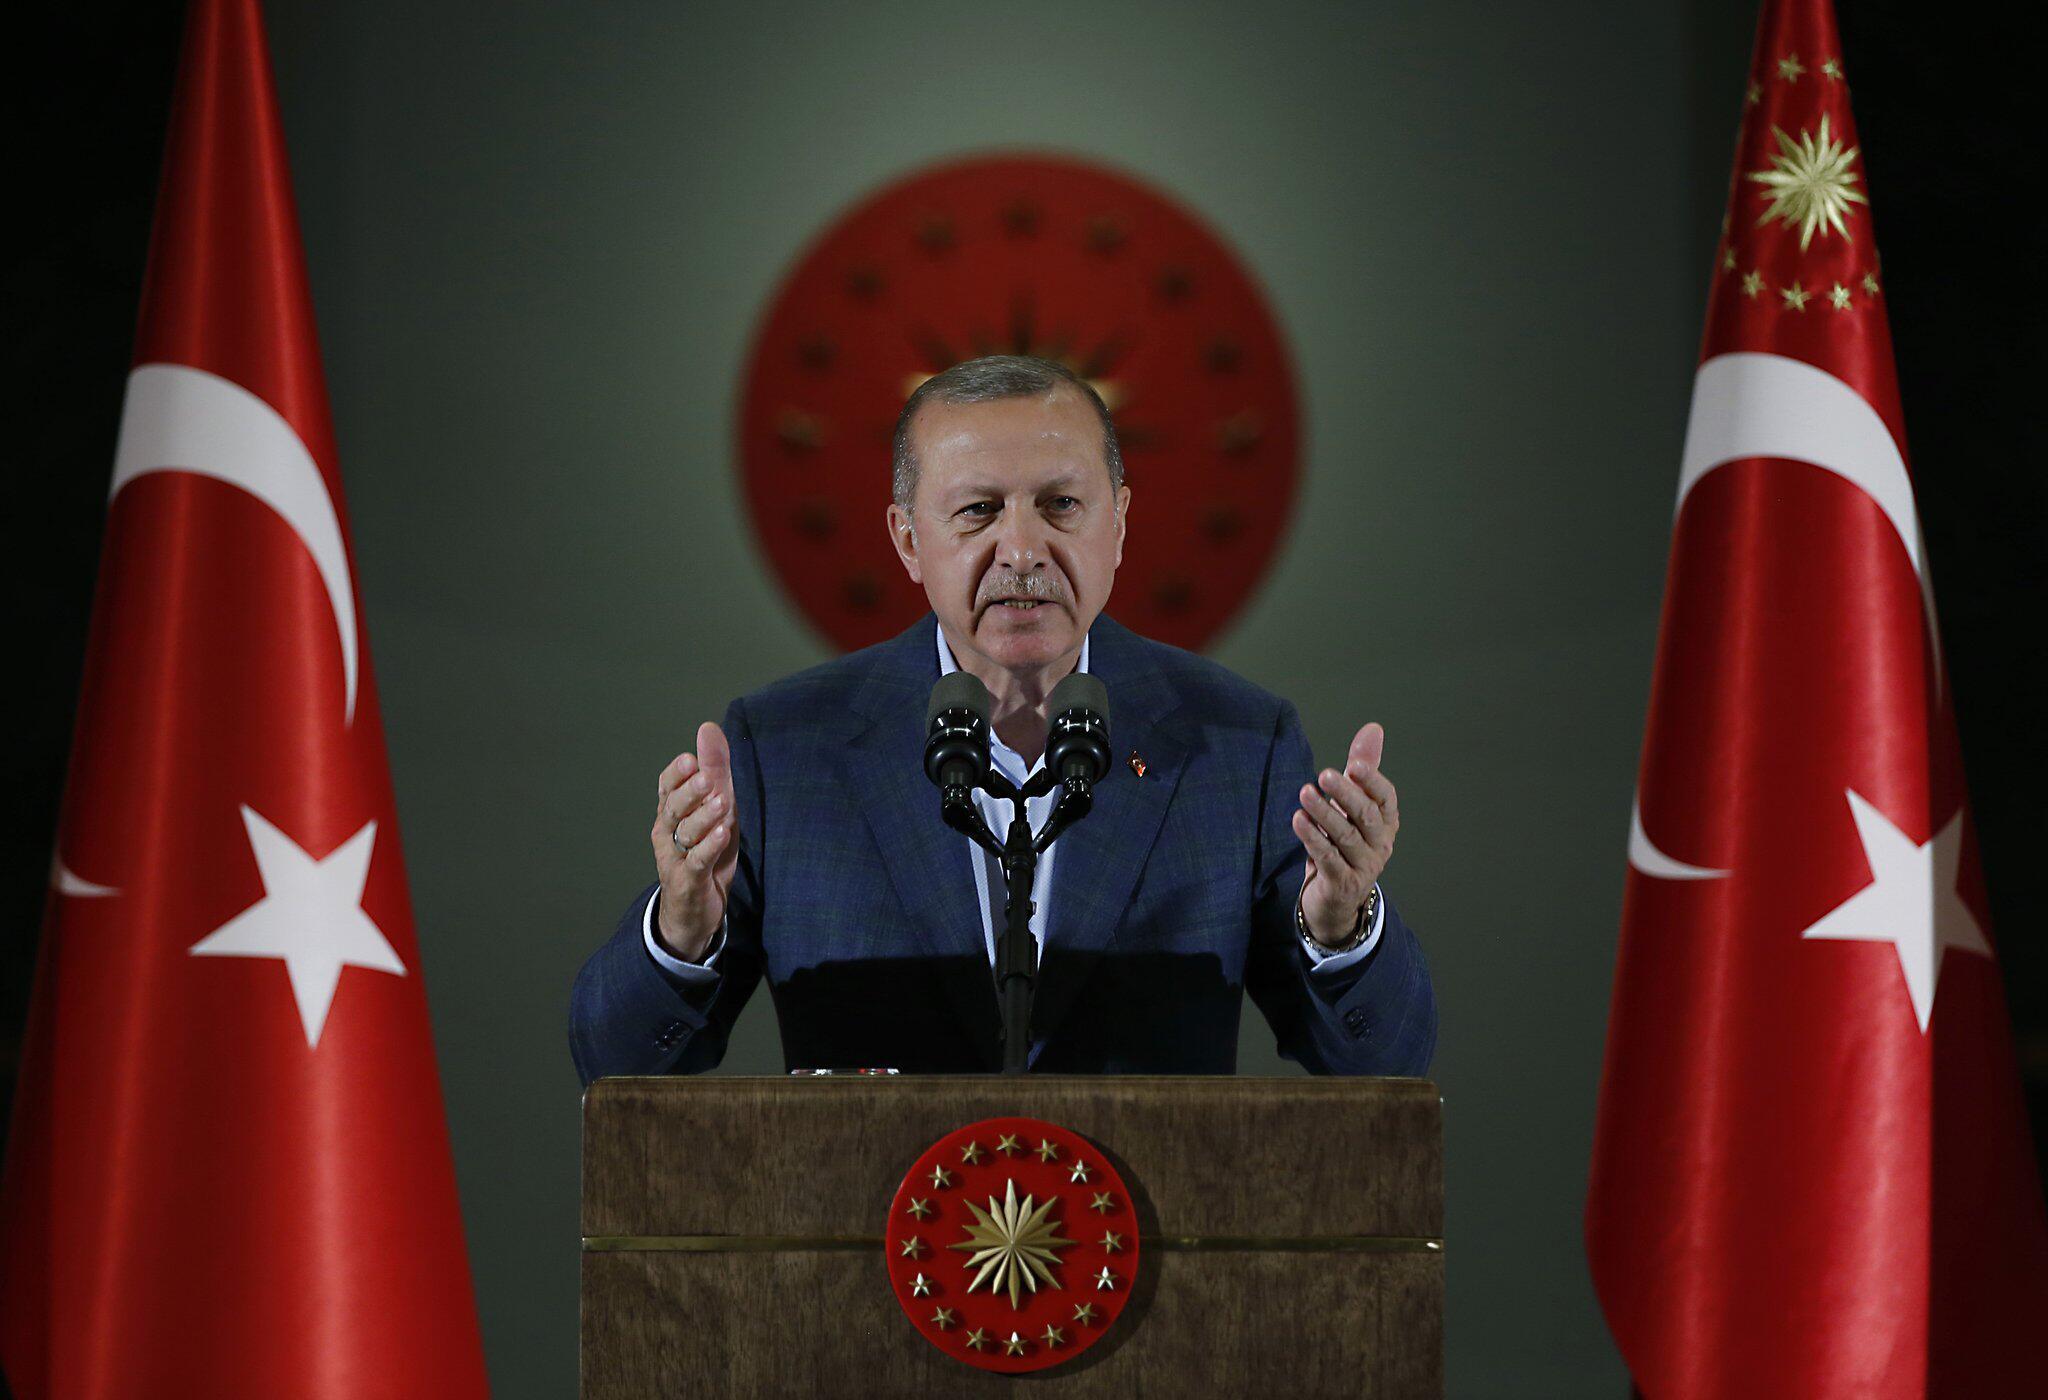 Erdogan zu Wahlkampf in Sarajevo - Tausende Türken aus Deutschland ...